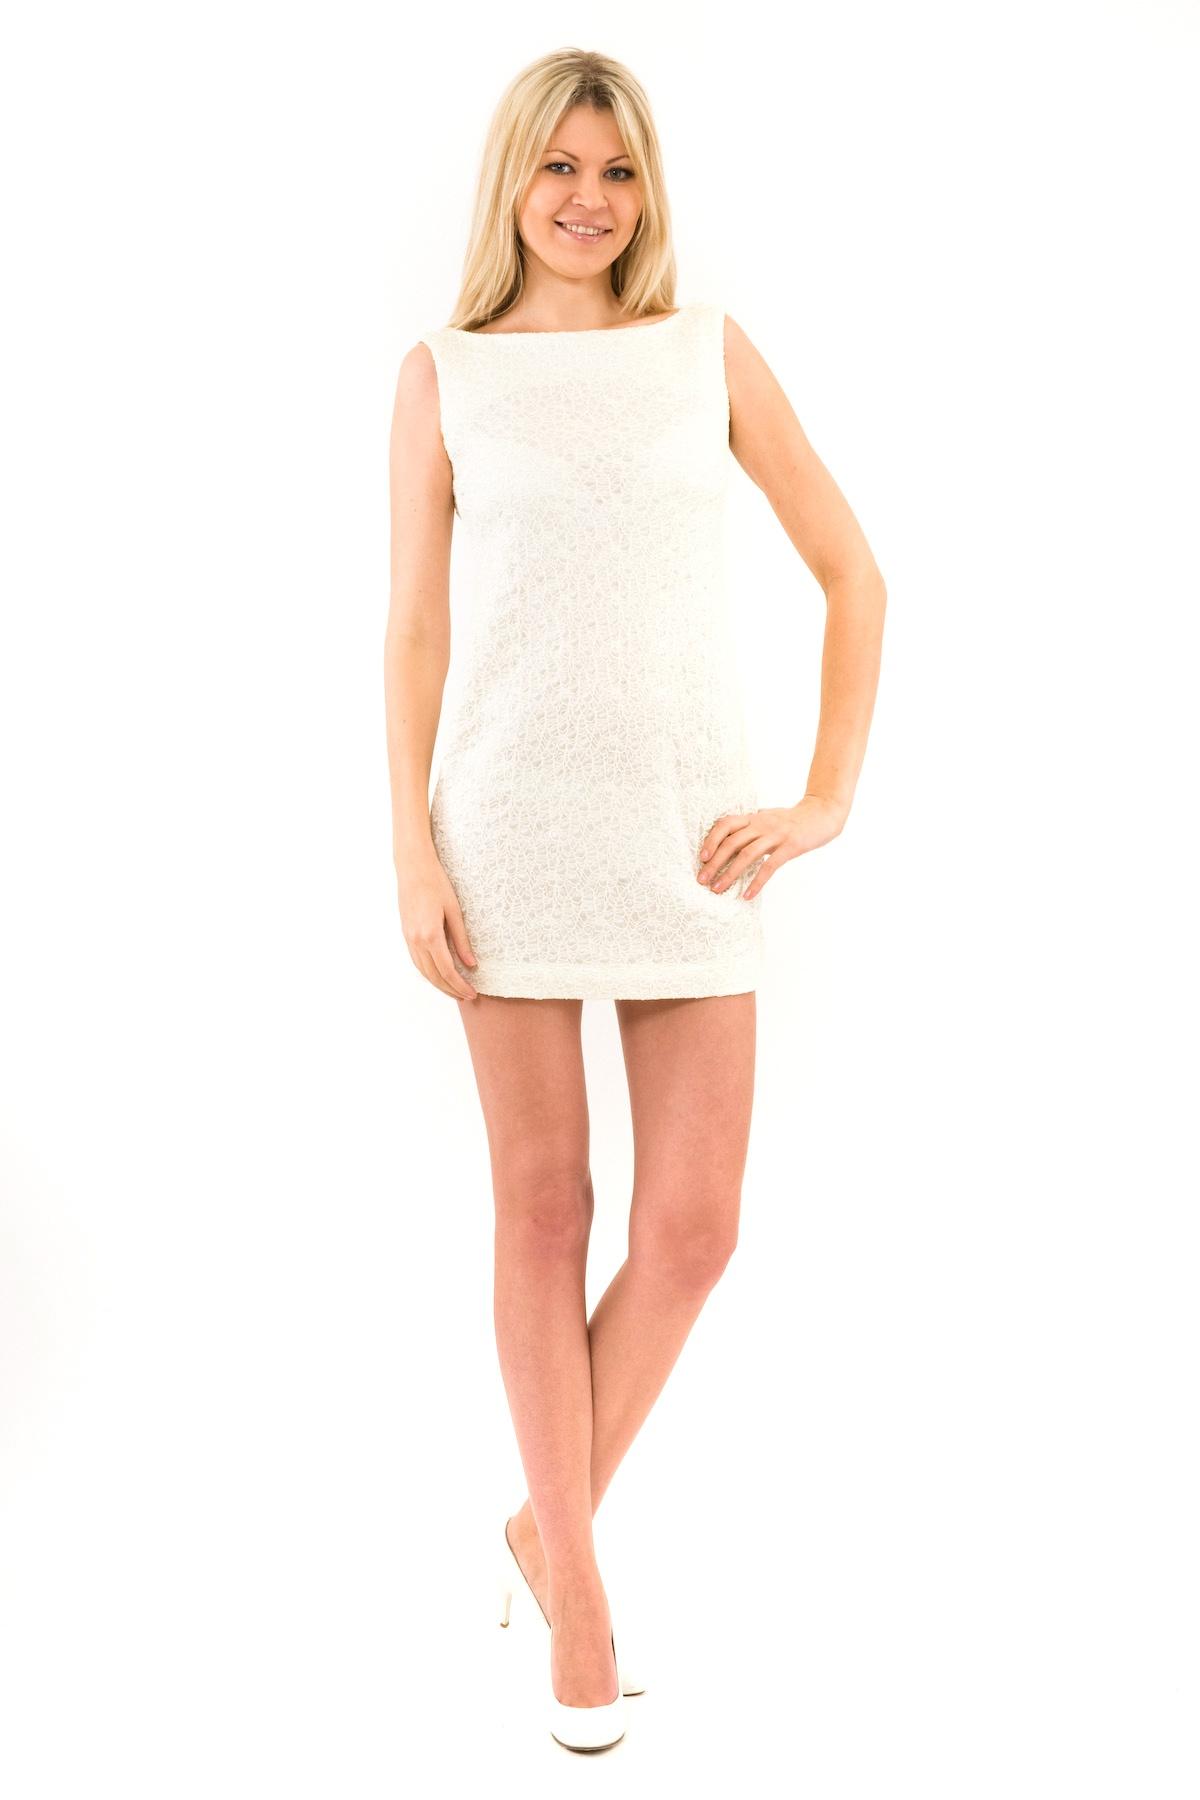 ПлатьеПлатья,  сарафаны<br>Отличное платье из французского трикотажа приталенного кроя. Модель удачно подчеркнет красоту Вашей фигуры, а яркий красивый цвет платья не оставит Вас незамеченной. Изделие прекрасно подойдет как для праздничного вечера, так и для деловой встречи, в случ<br><br>Цвет: молочный<br>Состав: 100 % полиэстер<br>Размер: 46,48,50,52<br>Страна дизайна: Россия<br>Страна производства: Россия